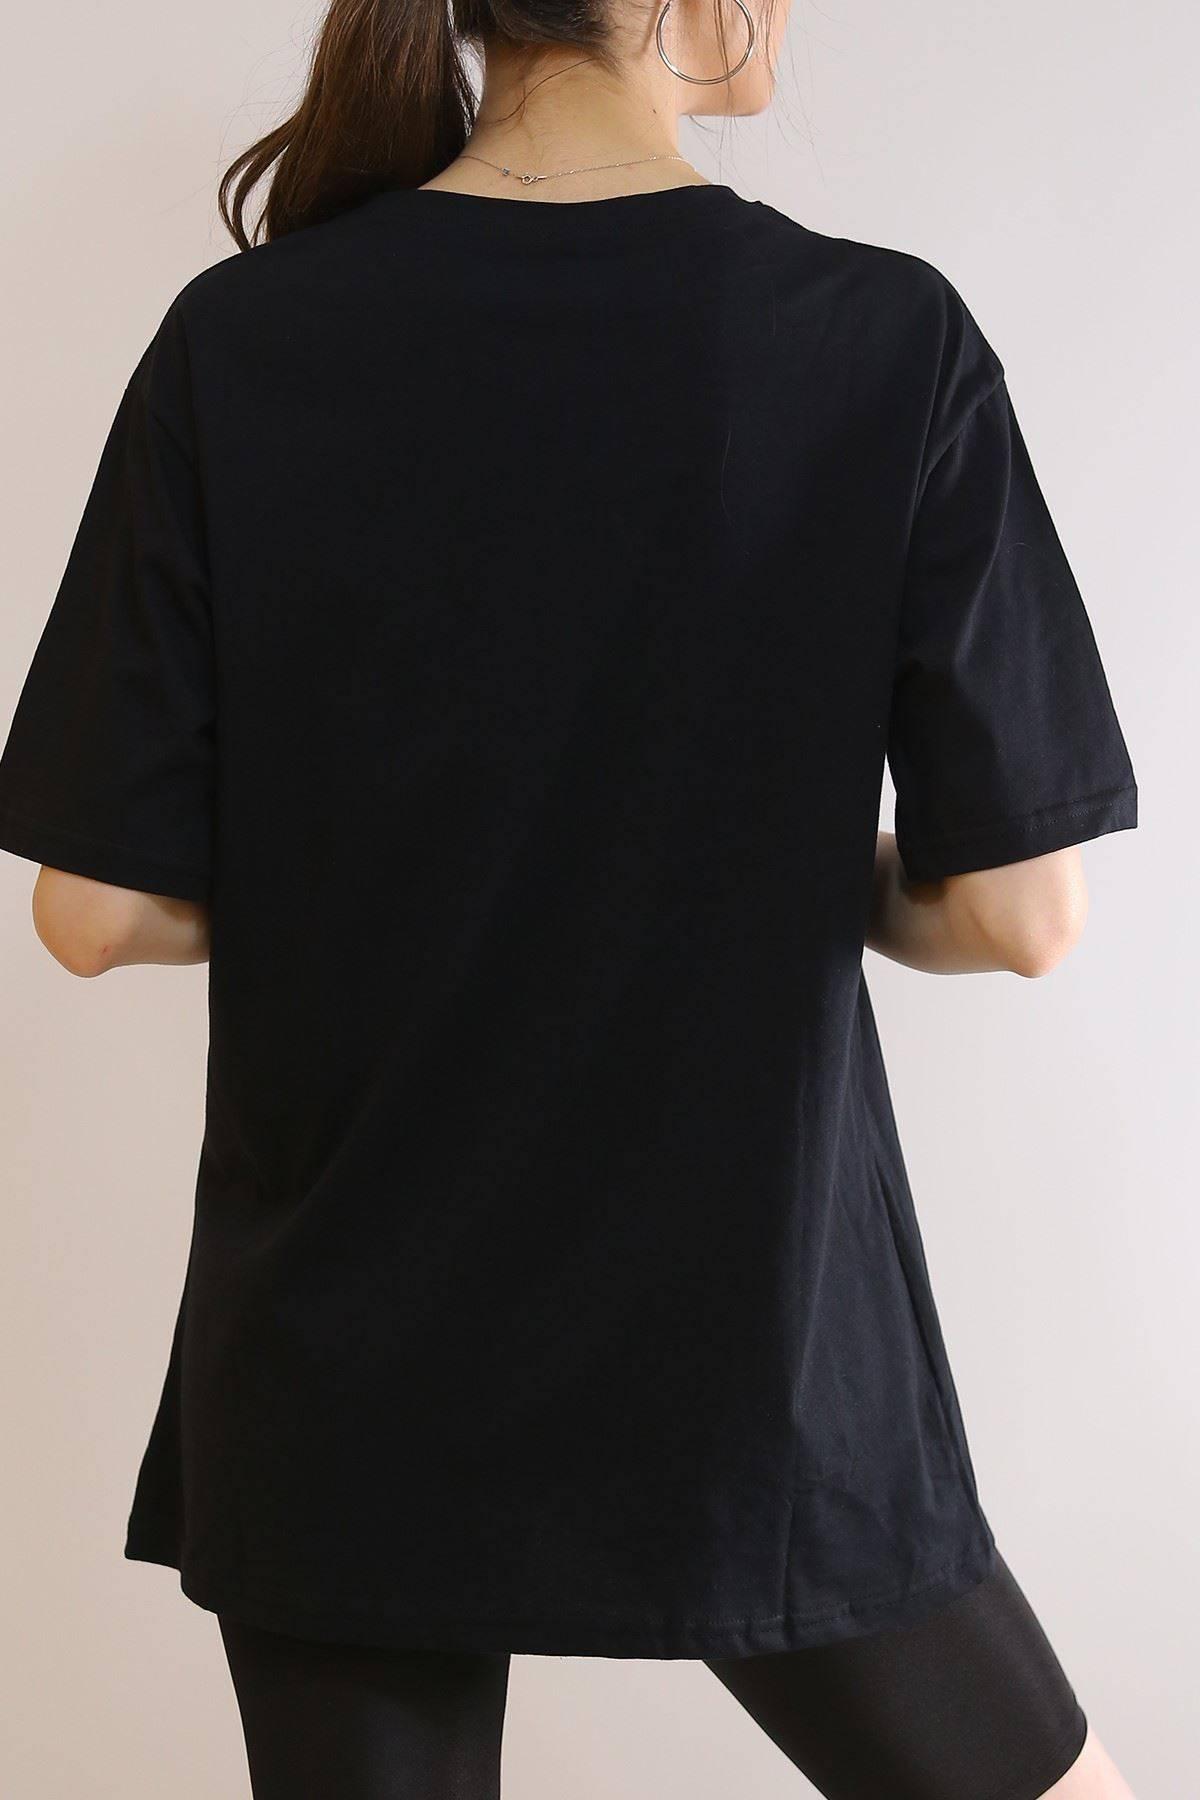 Baskılı Tişört Siyah - 6069.1247.